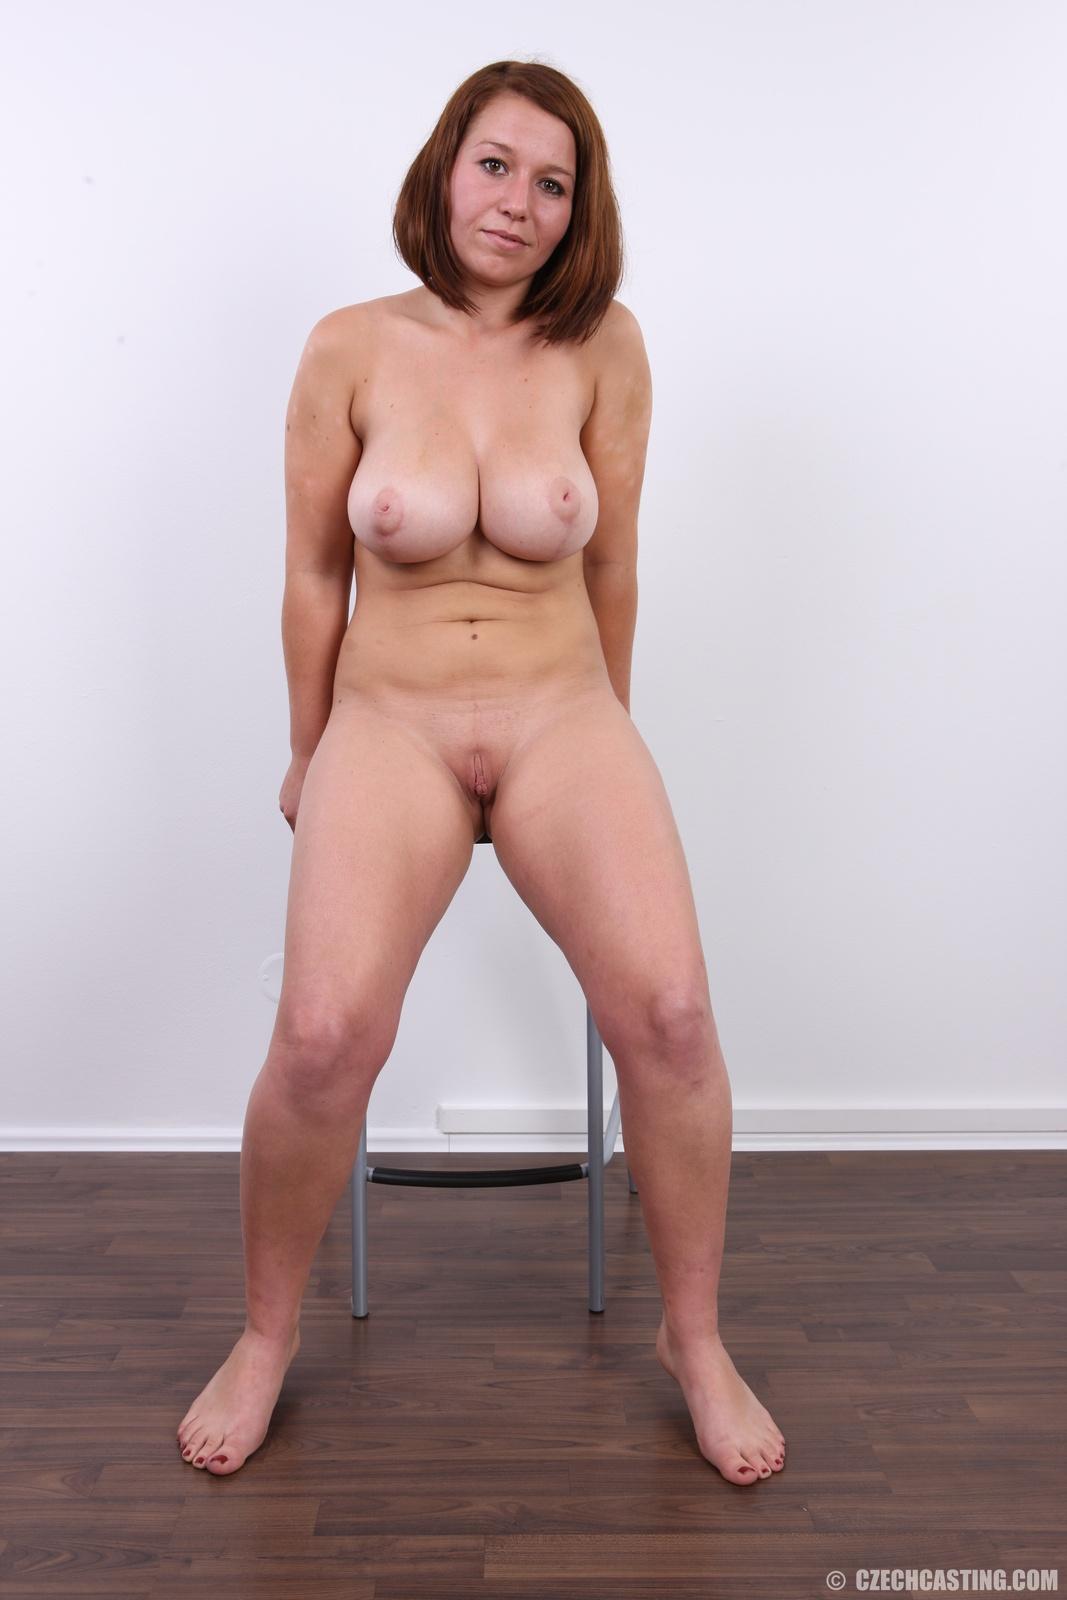 Adain nude girls touching